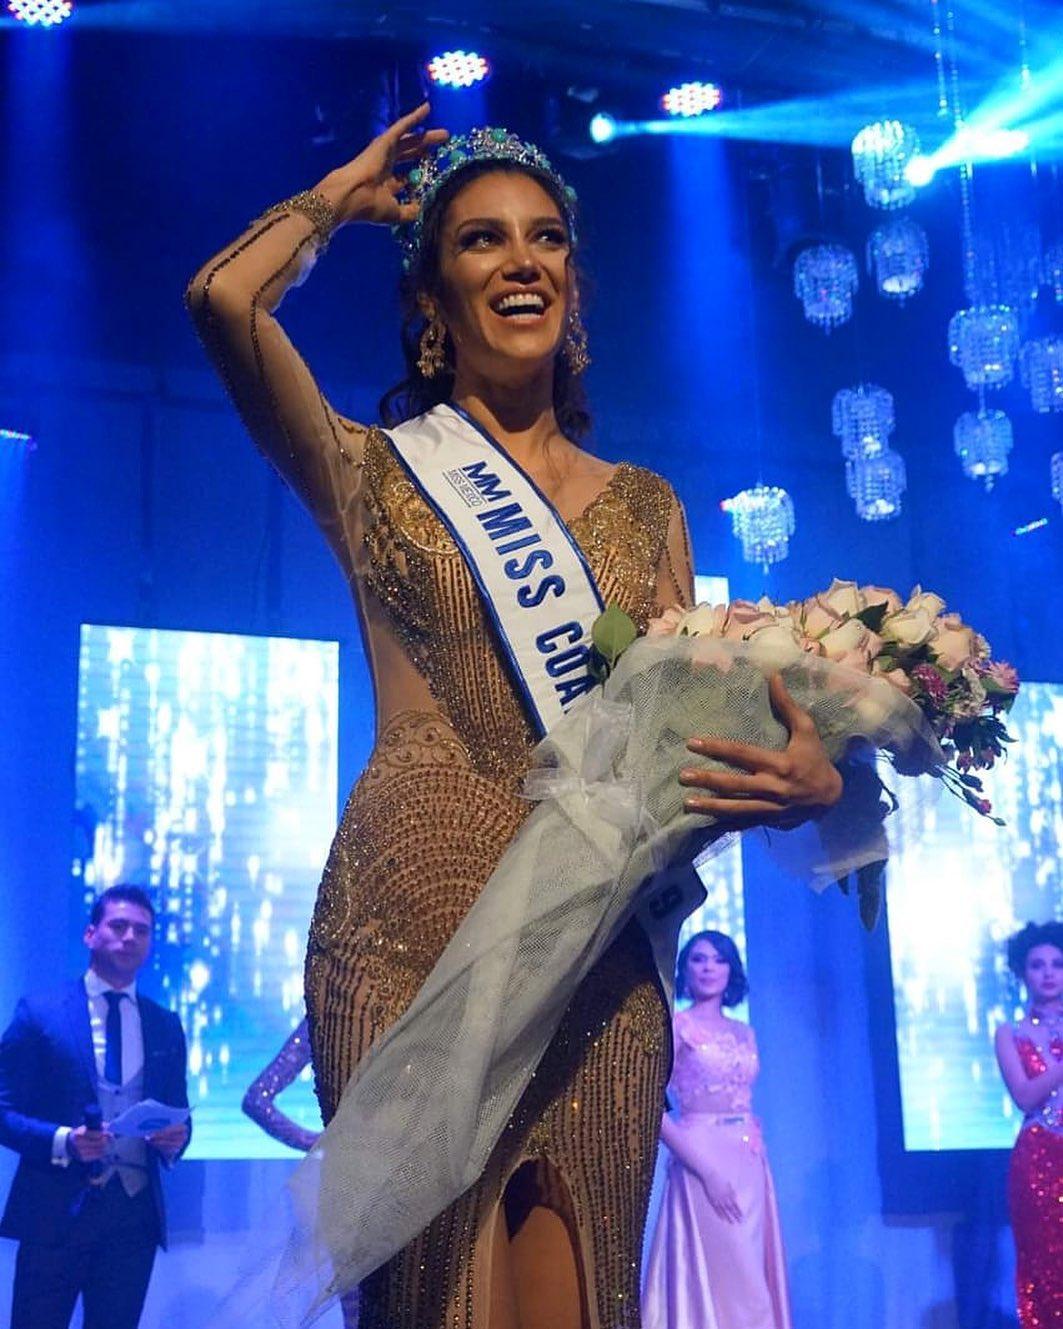 georgina vargas, candidata a miss mexico 2020, representando coahuila. - Página 3 83893710